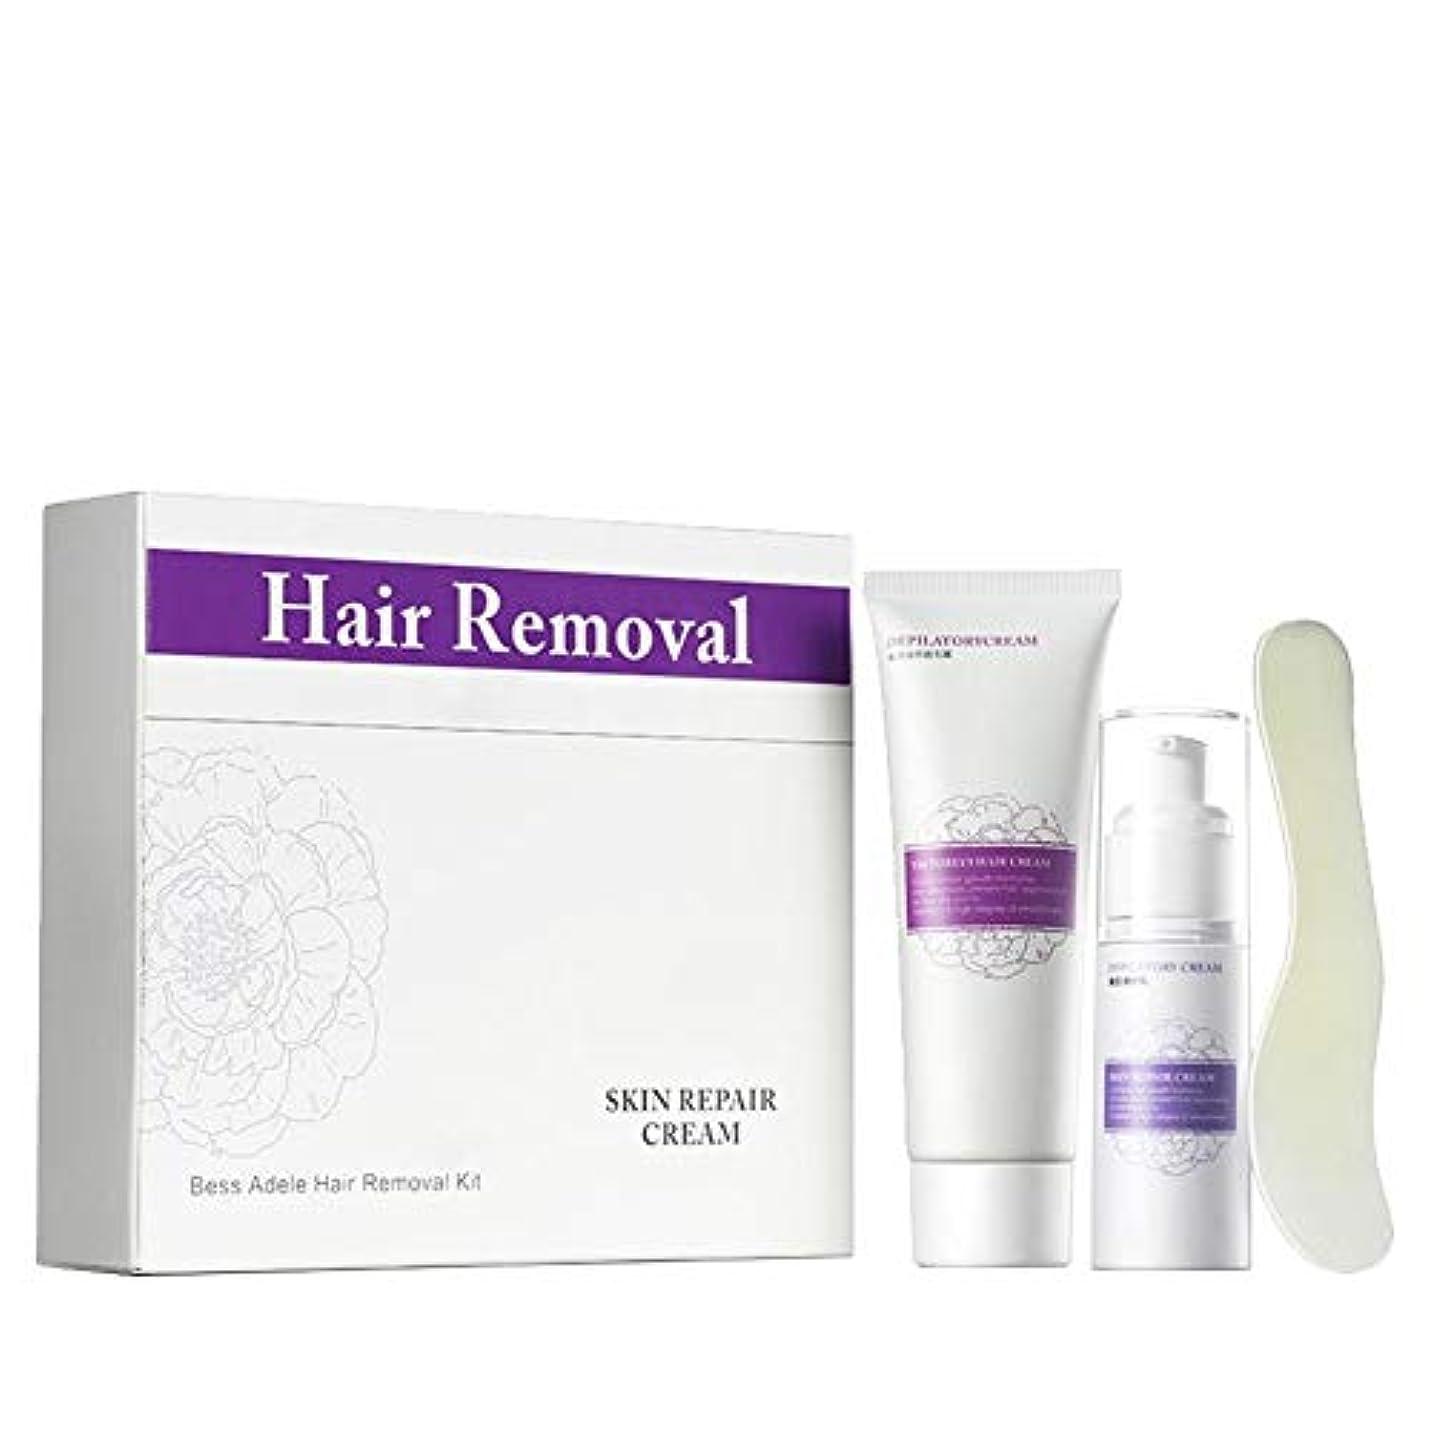 年金受給者セブン薬を飲む除毛クリーム 修復用ミルクスクレーパー優しい脱毛は肌を傷つけません、ファースト&シンプル、肌の潤いを和らげ、保ちます